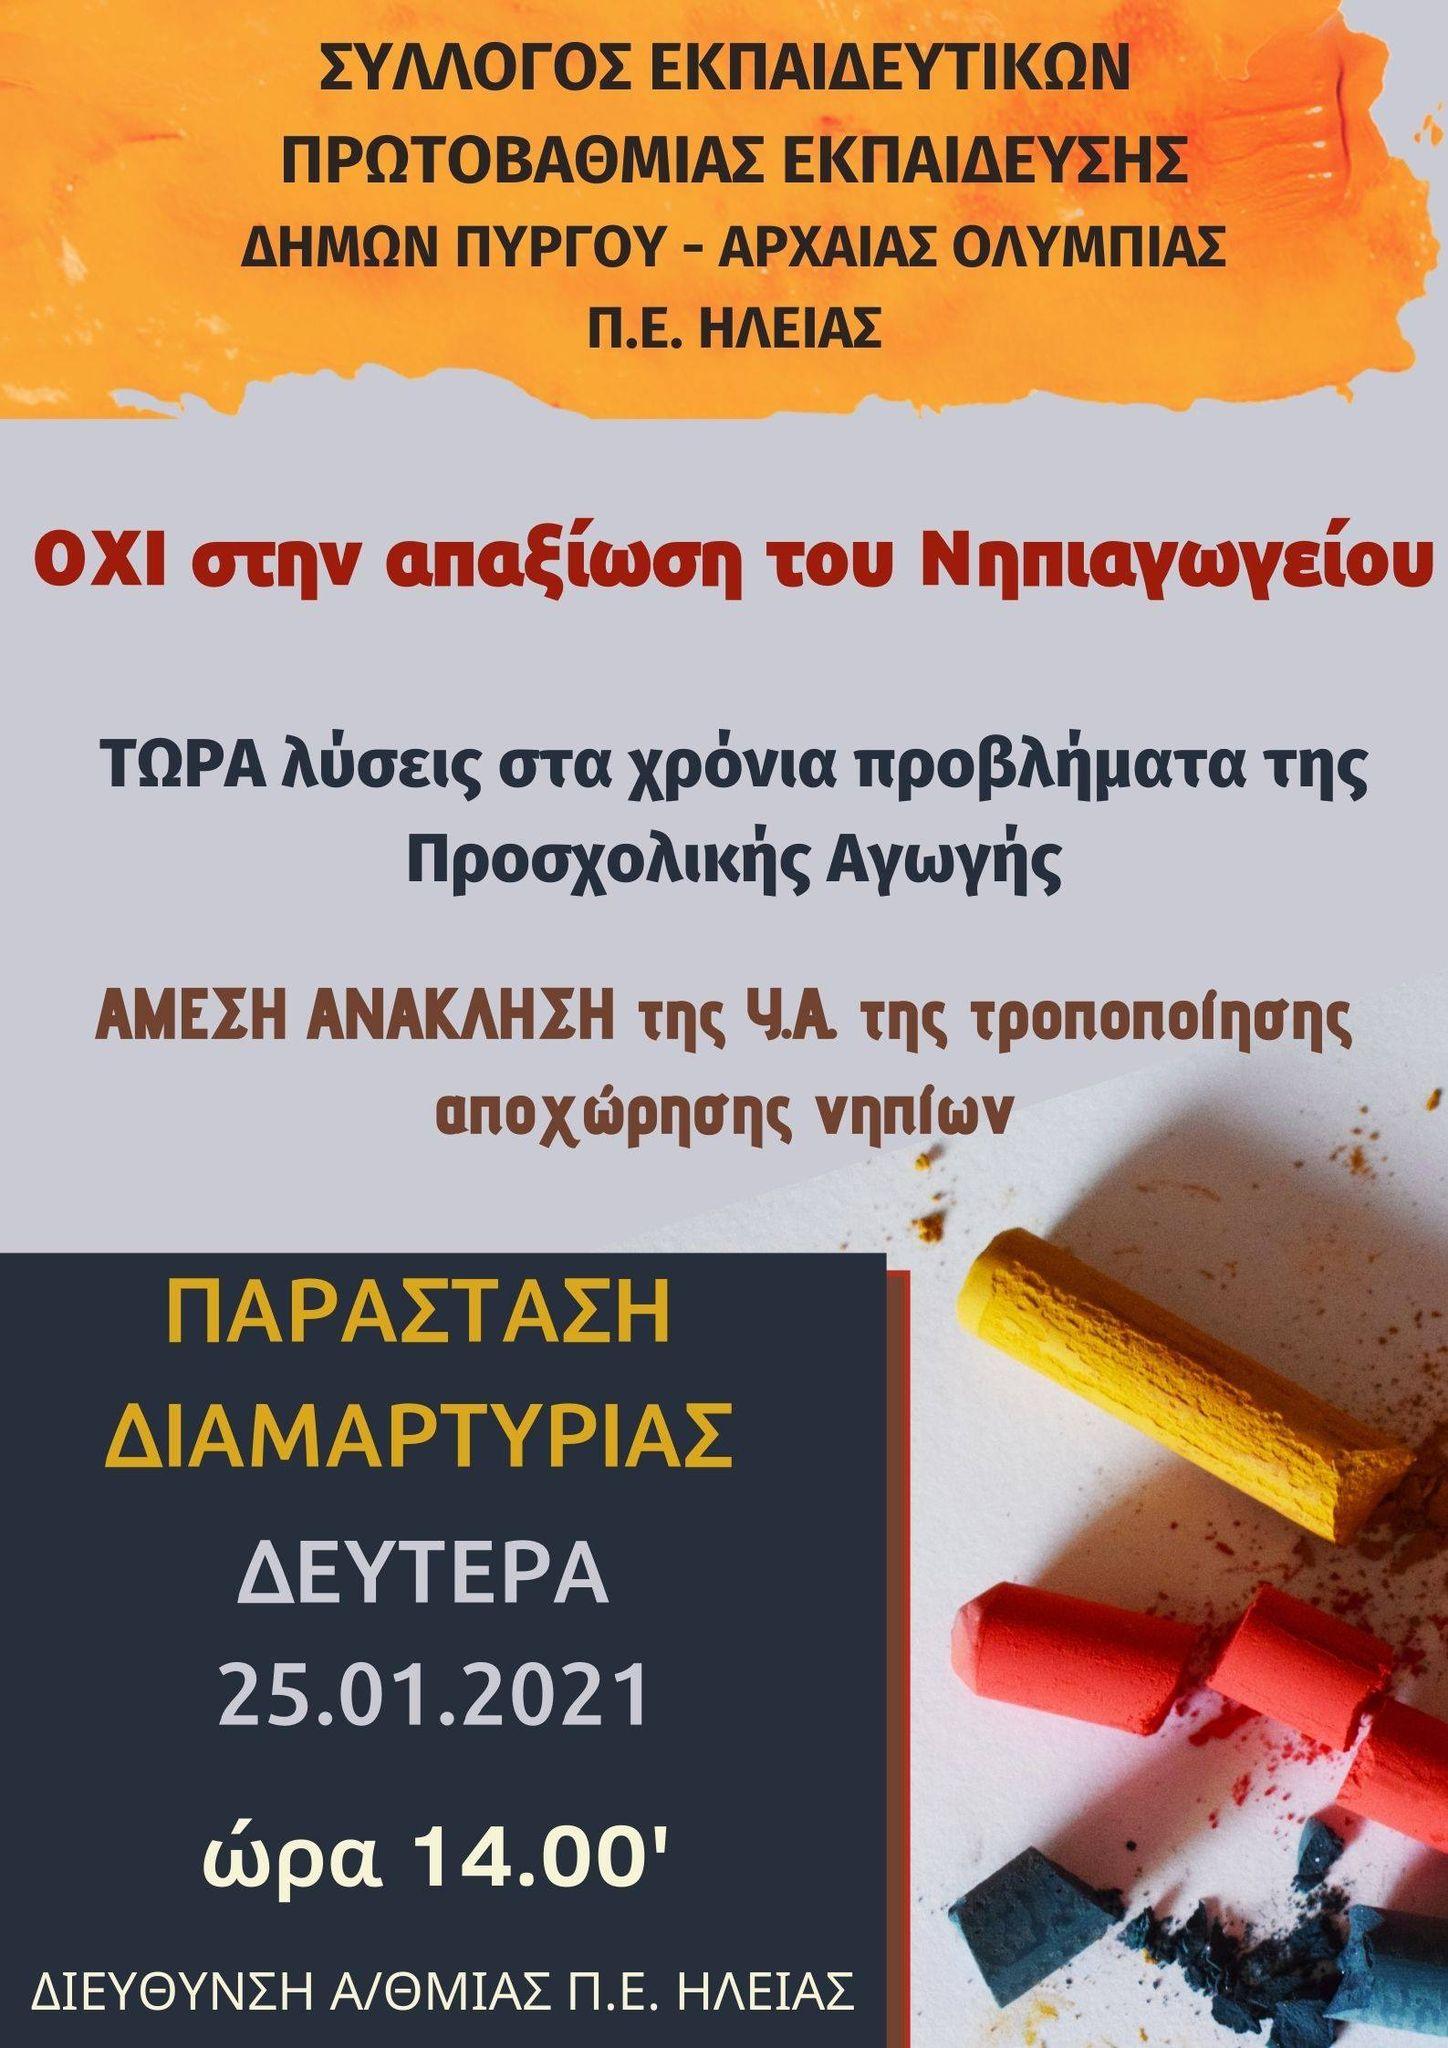 Σύλλογος Εκπαιδευτικών Πρωτοβάθμιας Εκπαίδευσης Πύργου- Αρχαίας Ολυμπίας:Παράσταση διαμαρτυρίας αύριο Δευτέρα 25/1